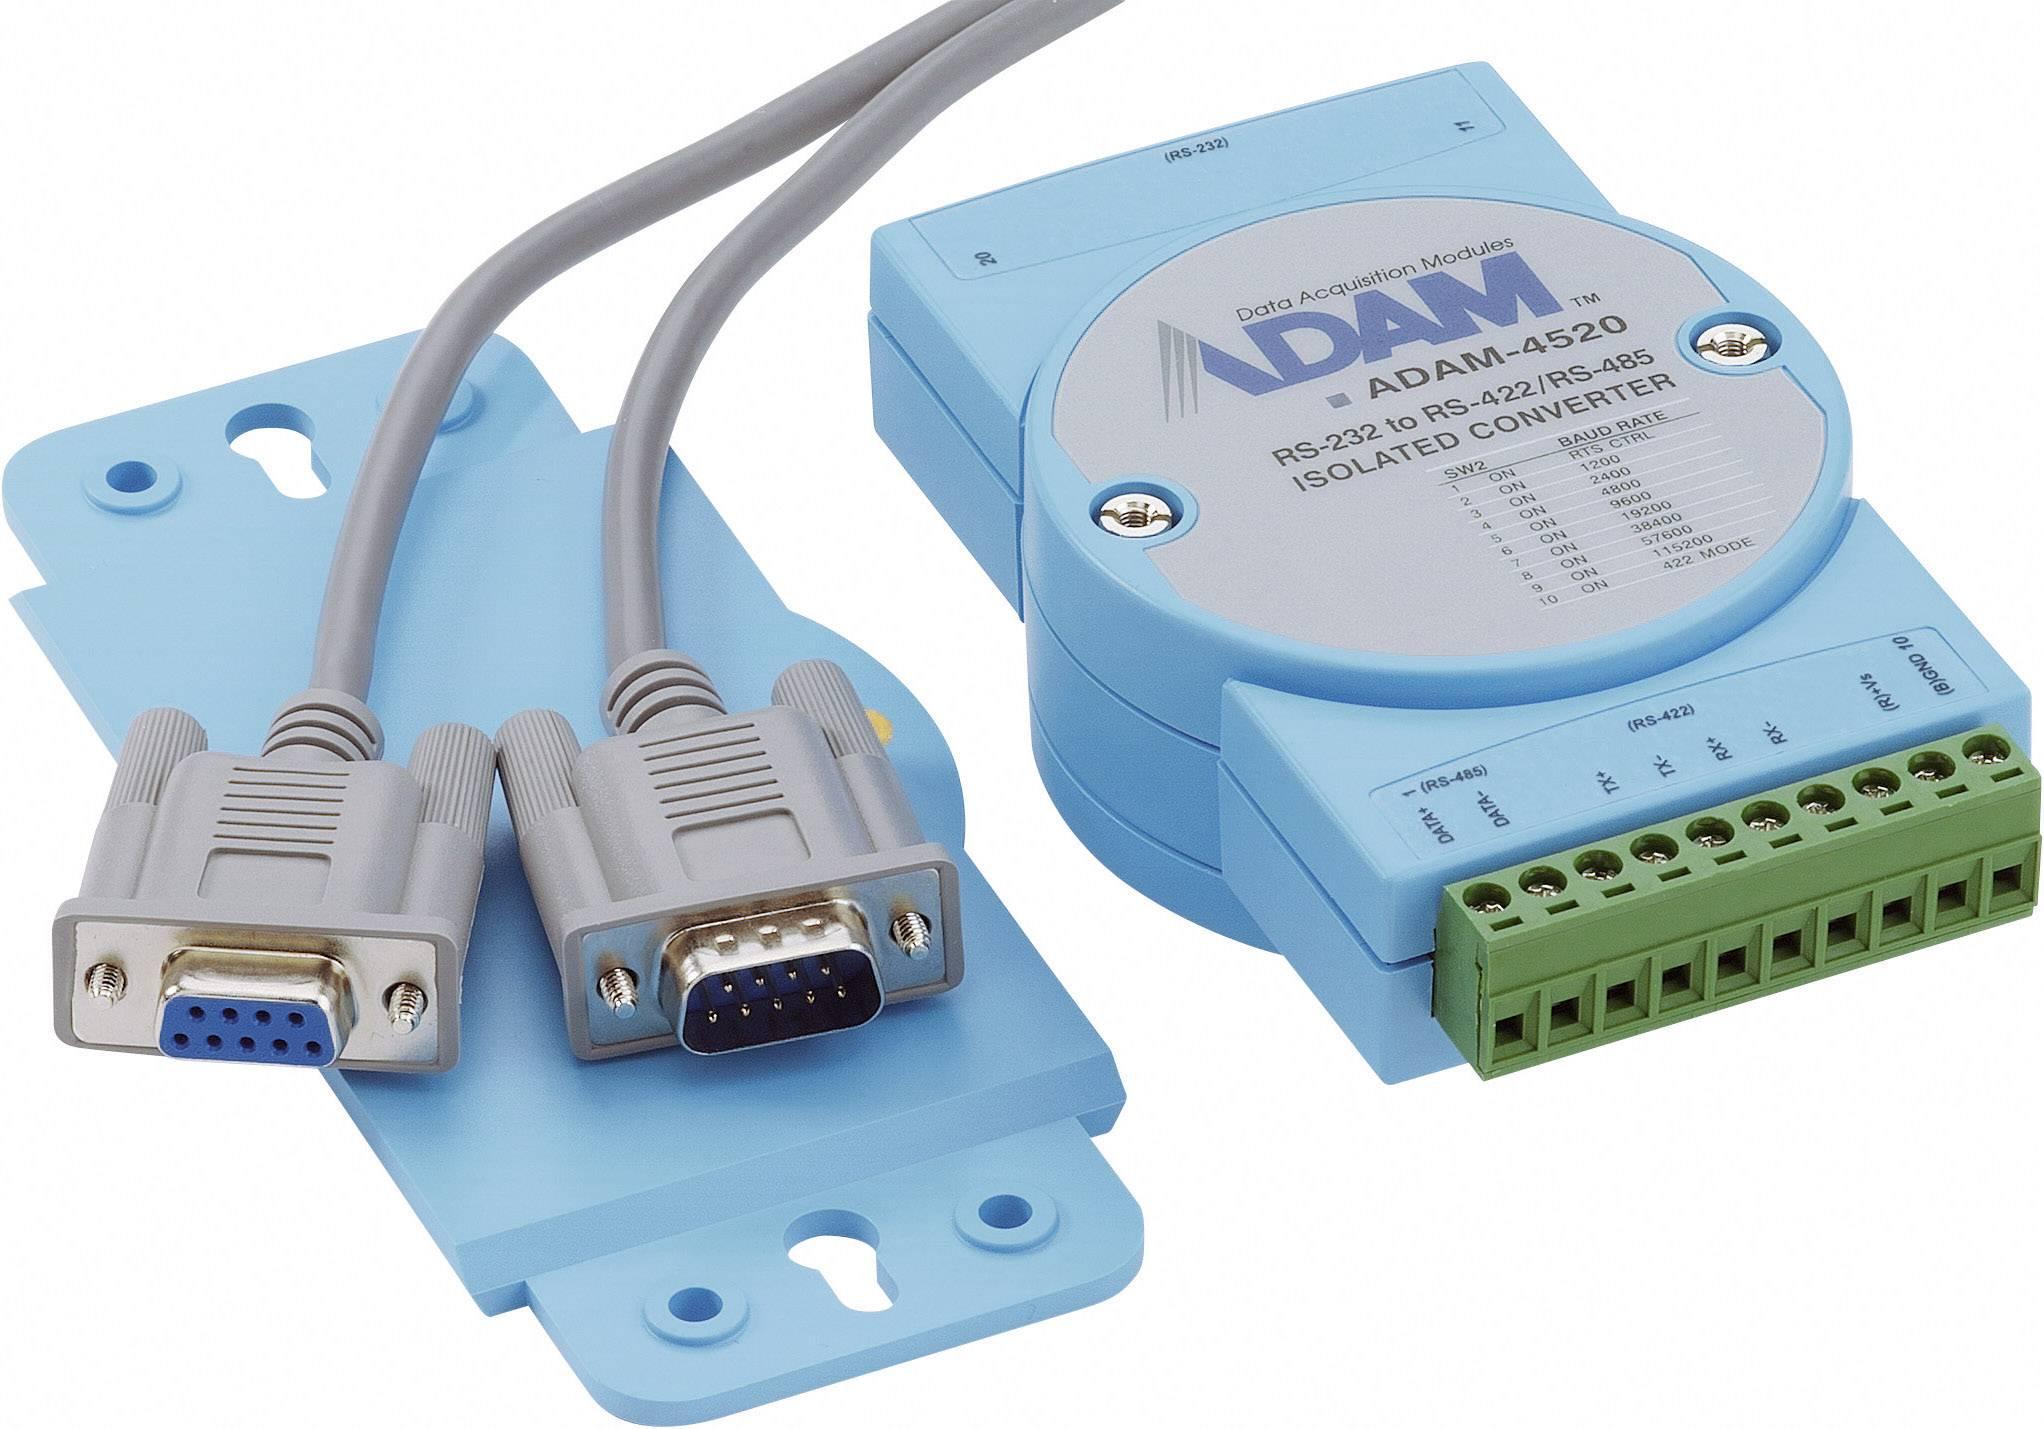 Repeater Advantech, ADAM-4520, 10 - 30 V/DC, izolovaný